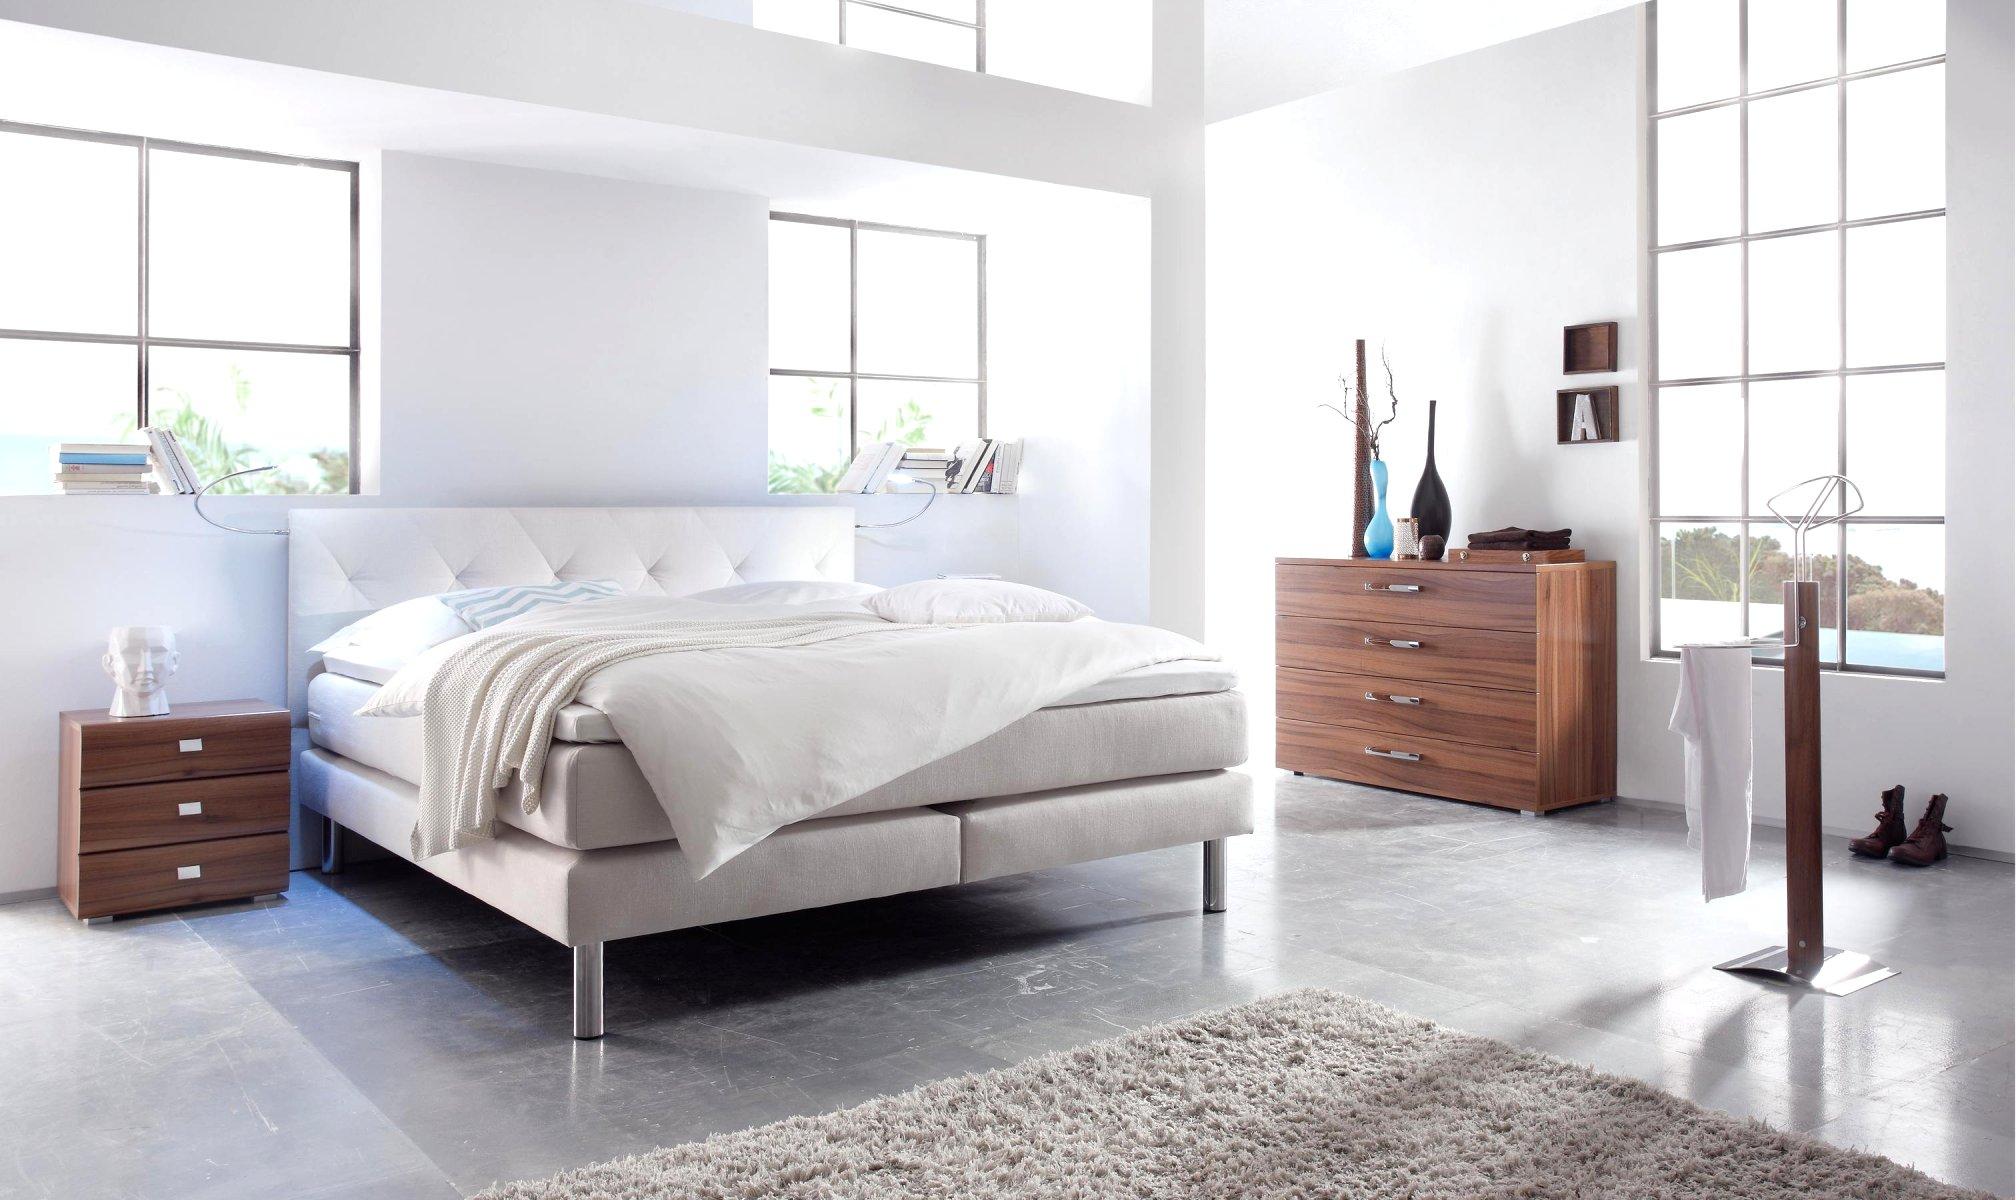 boxspringbetten bremen boxspringbett 200x210 boxspringbetten bremen boxspringbett massivholz. Black Bedroom Furniture Sets. Home Design Ideas